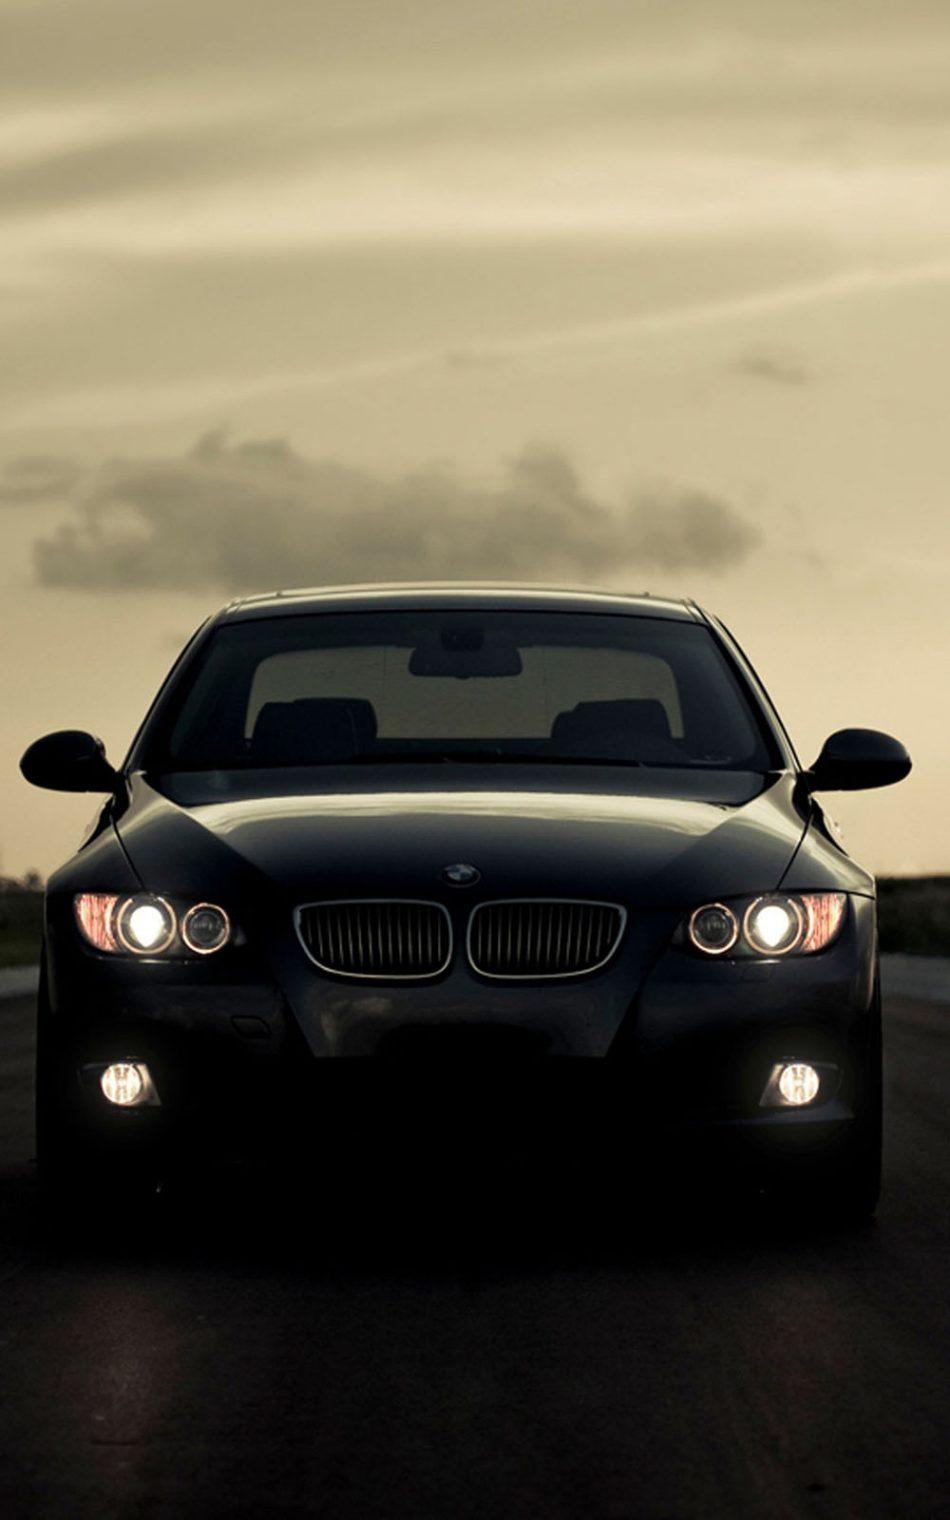 Download BMW M4 Black Free Pure 4K Ultra HD Mobile Wallpaper